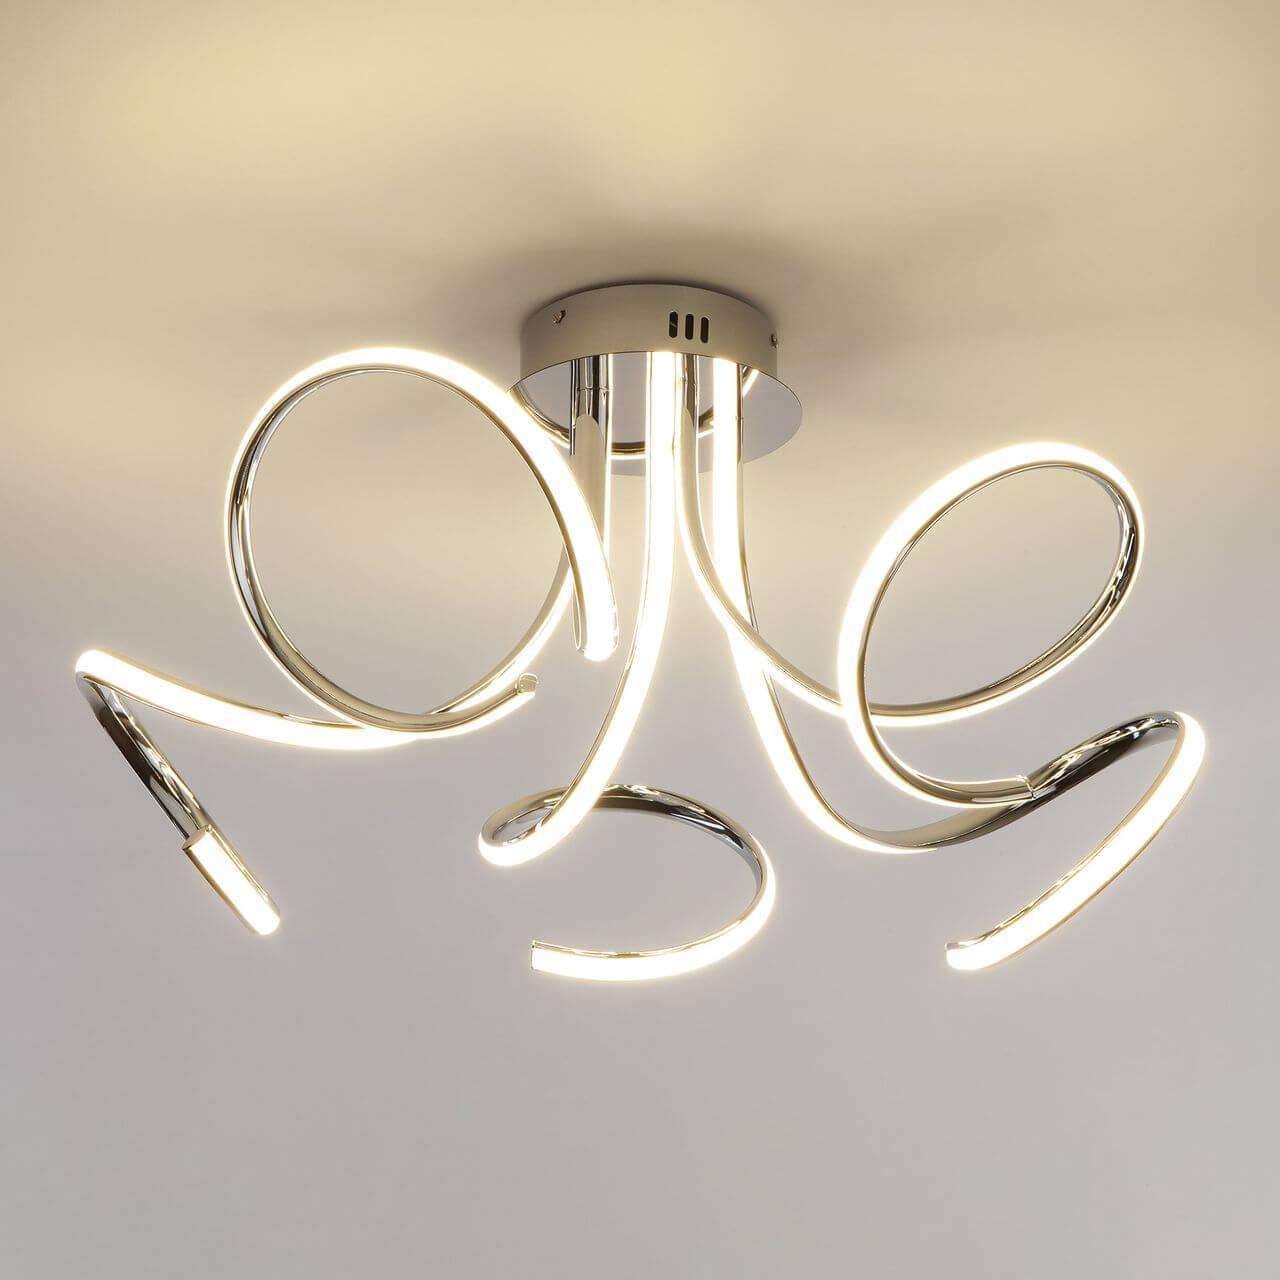 Потолочный светодиодный светильник Eurosvet Supreme 90068/5 хром eurosvet потолочная люстра eurosvet supreme 90068 5 хром 72w